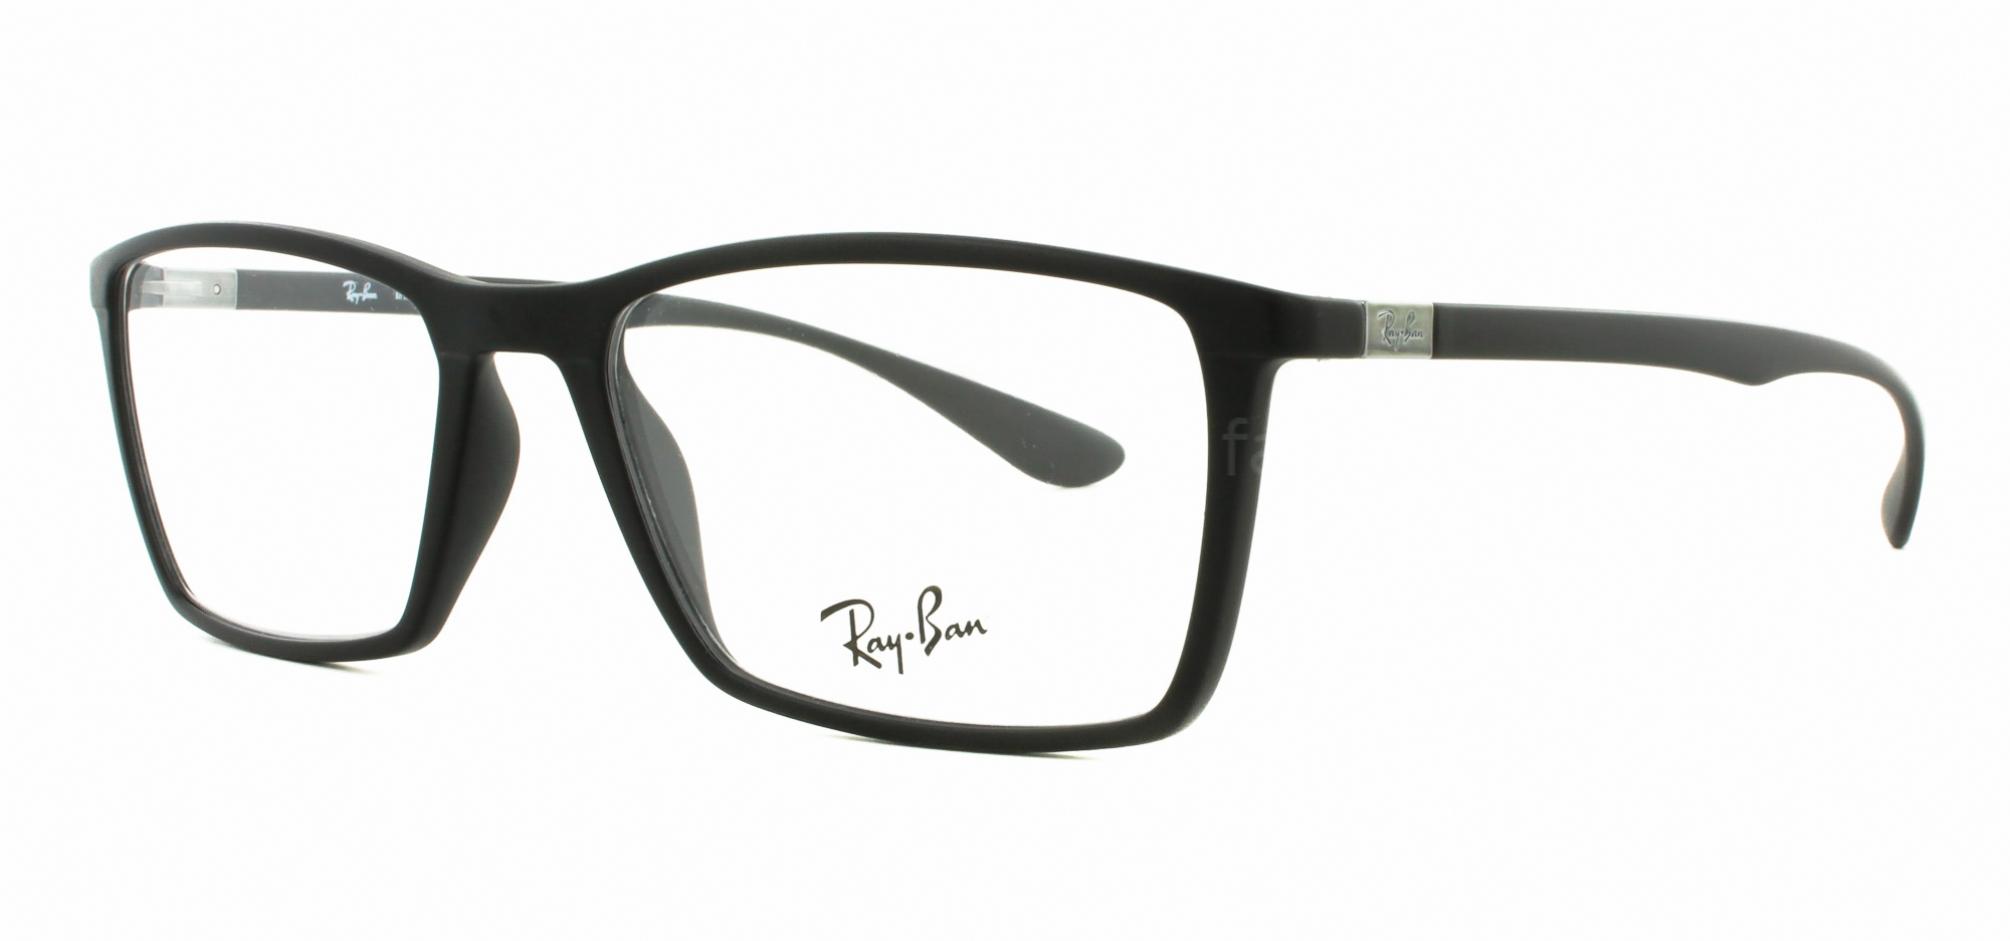 70e89bb1070 Ray Ban 7049 Eyeglasses